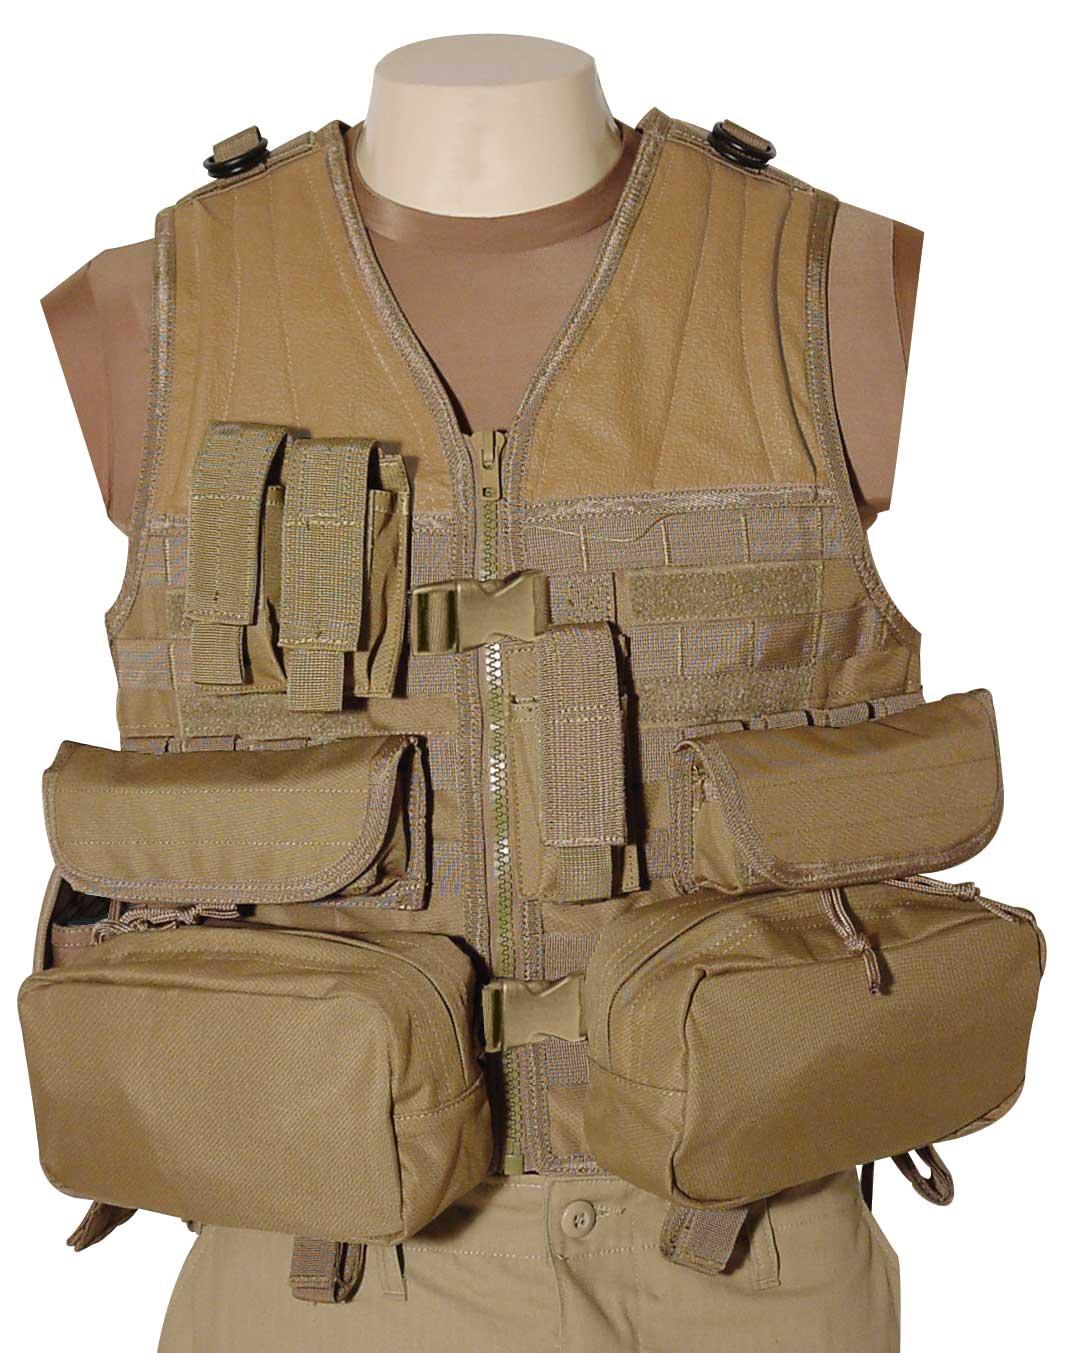 Shotgun Entry Vest Combo